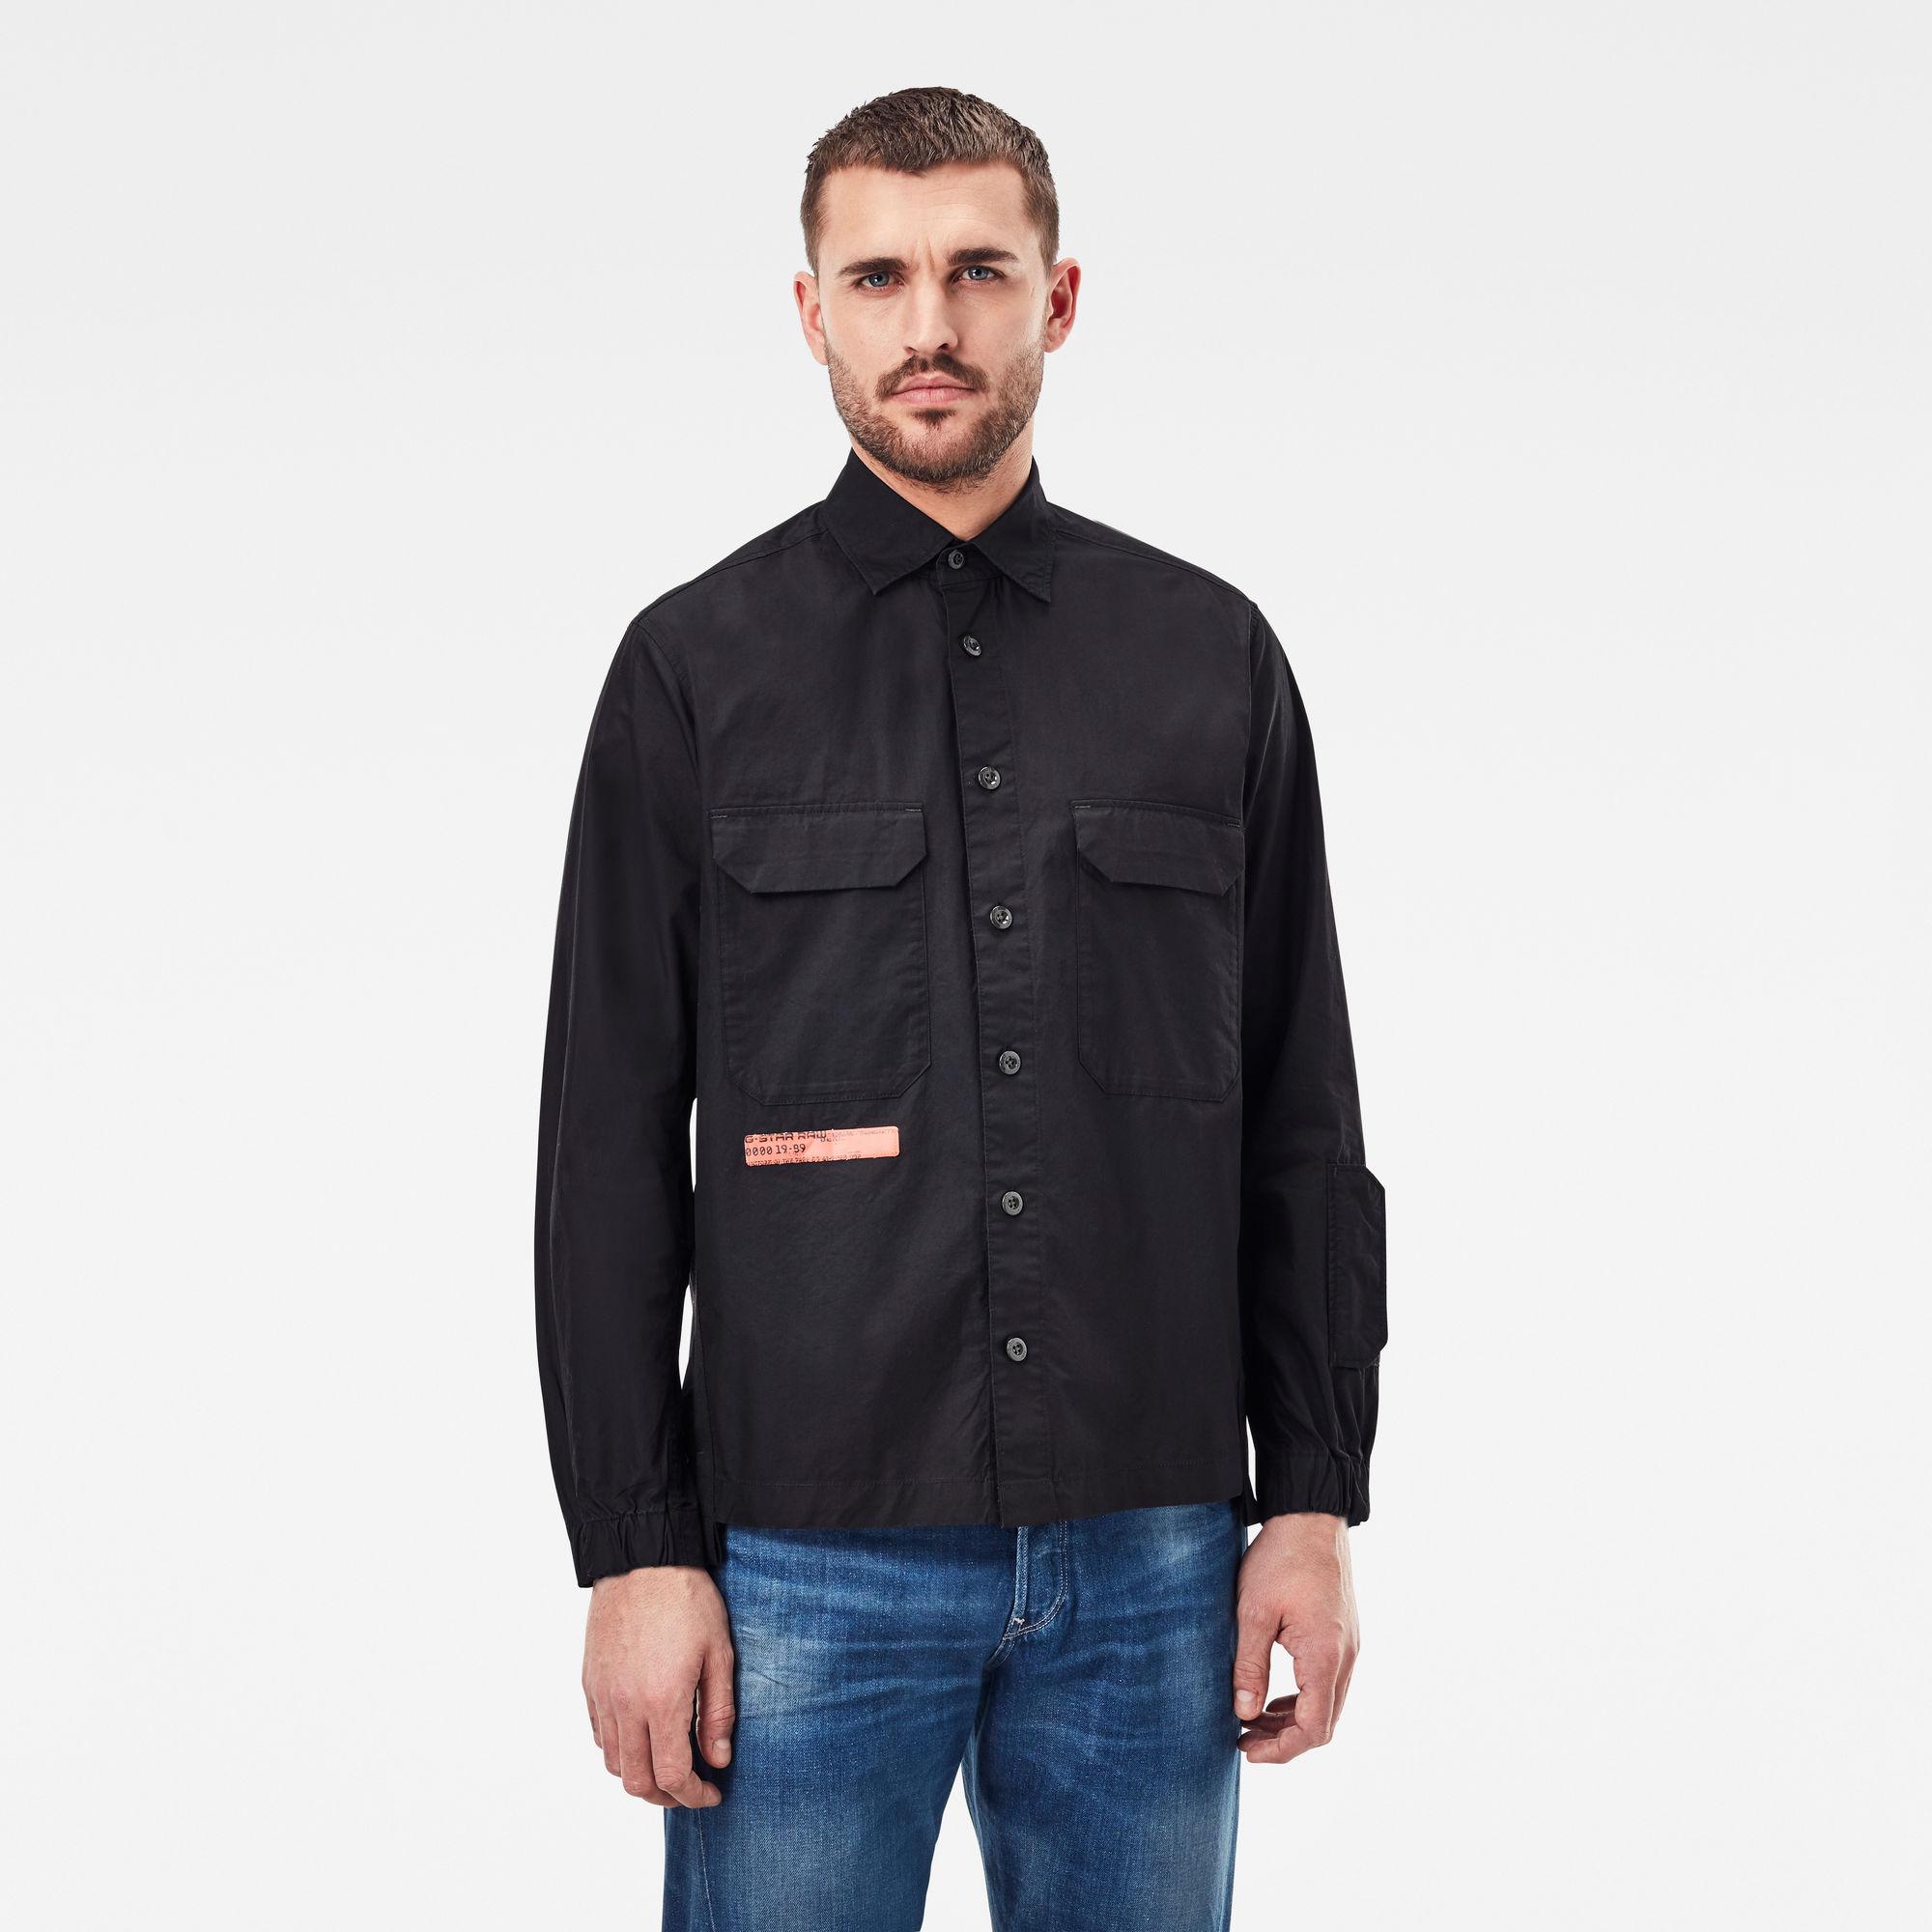 G-Star RAW Heren Multipocket Relaxed Shirt Zwart